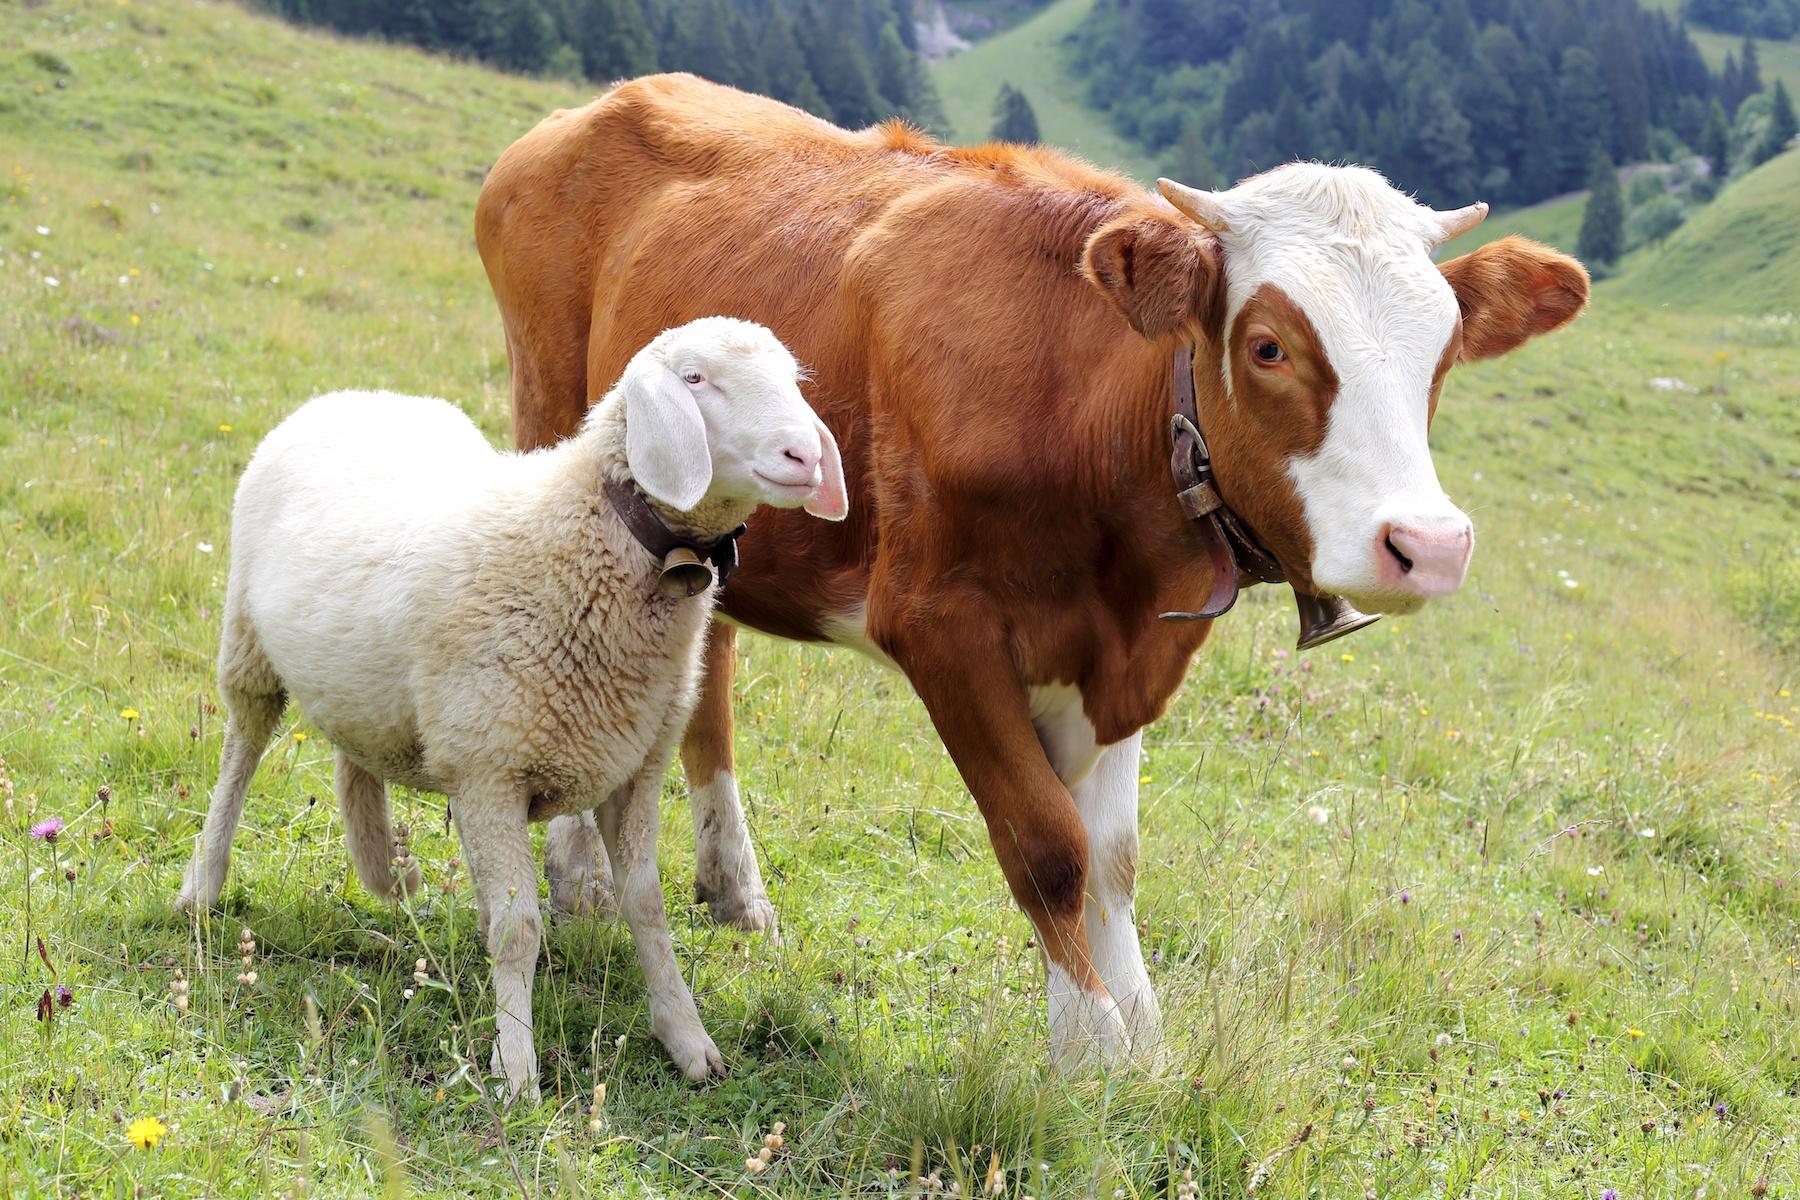 """Am 4. Oktober war Tierschutztag – 5 Tipps für mehr Tierwohl.""""Alle Geschöpfe der Erde fühlen wie wir, alle Geschöpfe streben nach Glück wie wir. Alle Geschöpfe der Erde lieben, leiden und sterben wie wir.""""  Franz von Assisi"""